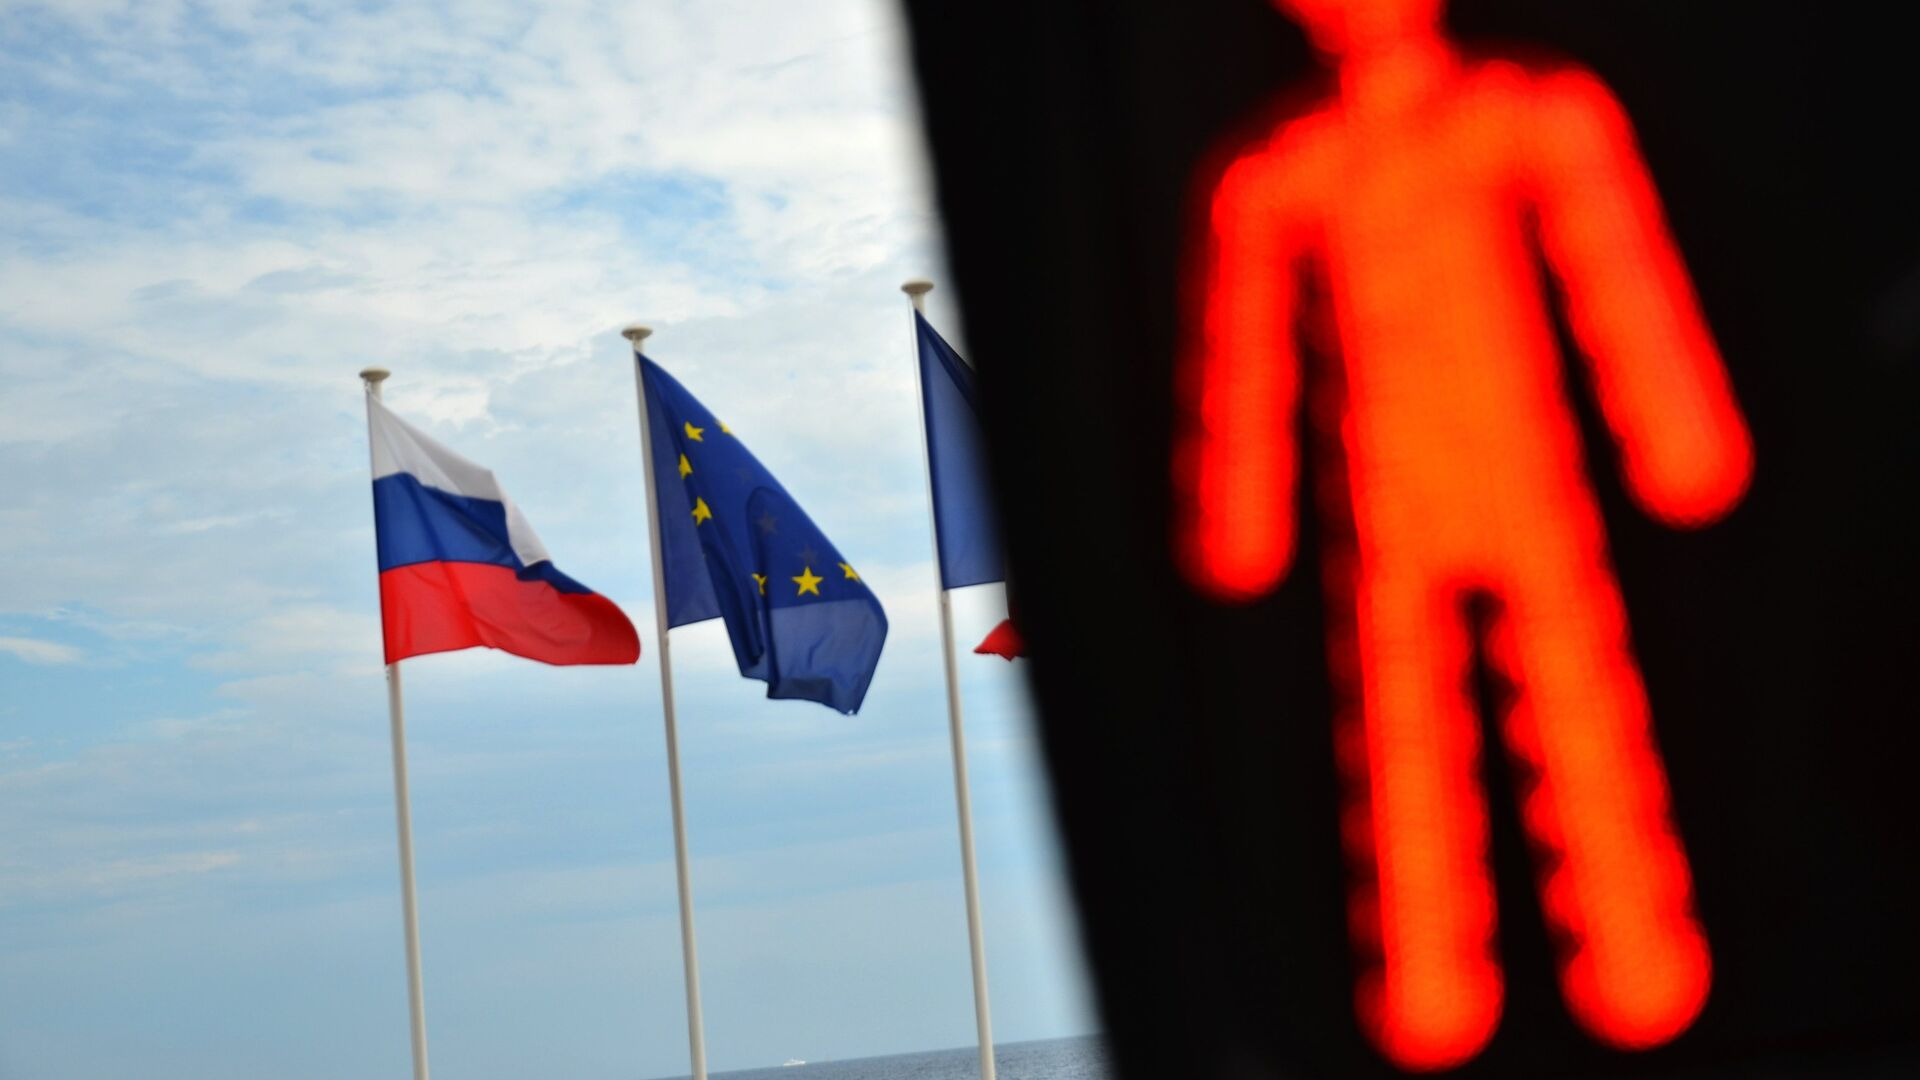 Banderas de Rusia y la UE - Sputnik Mundo, 1920, 10.02.2021